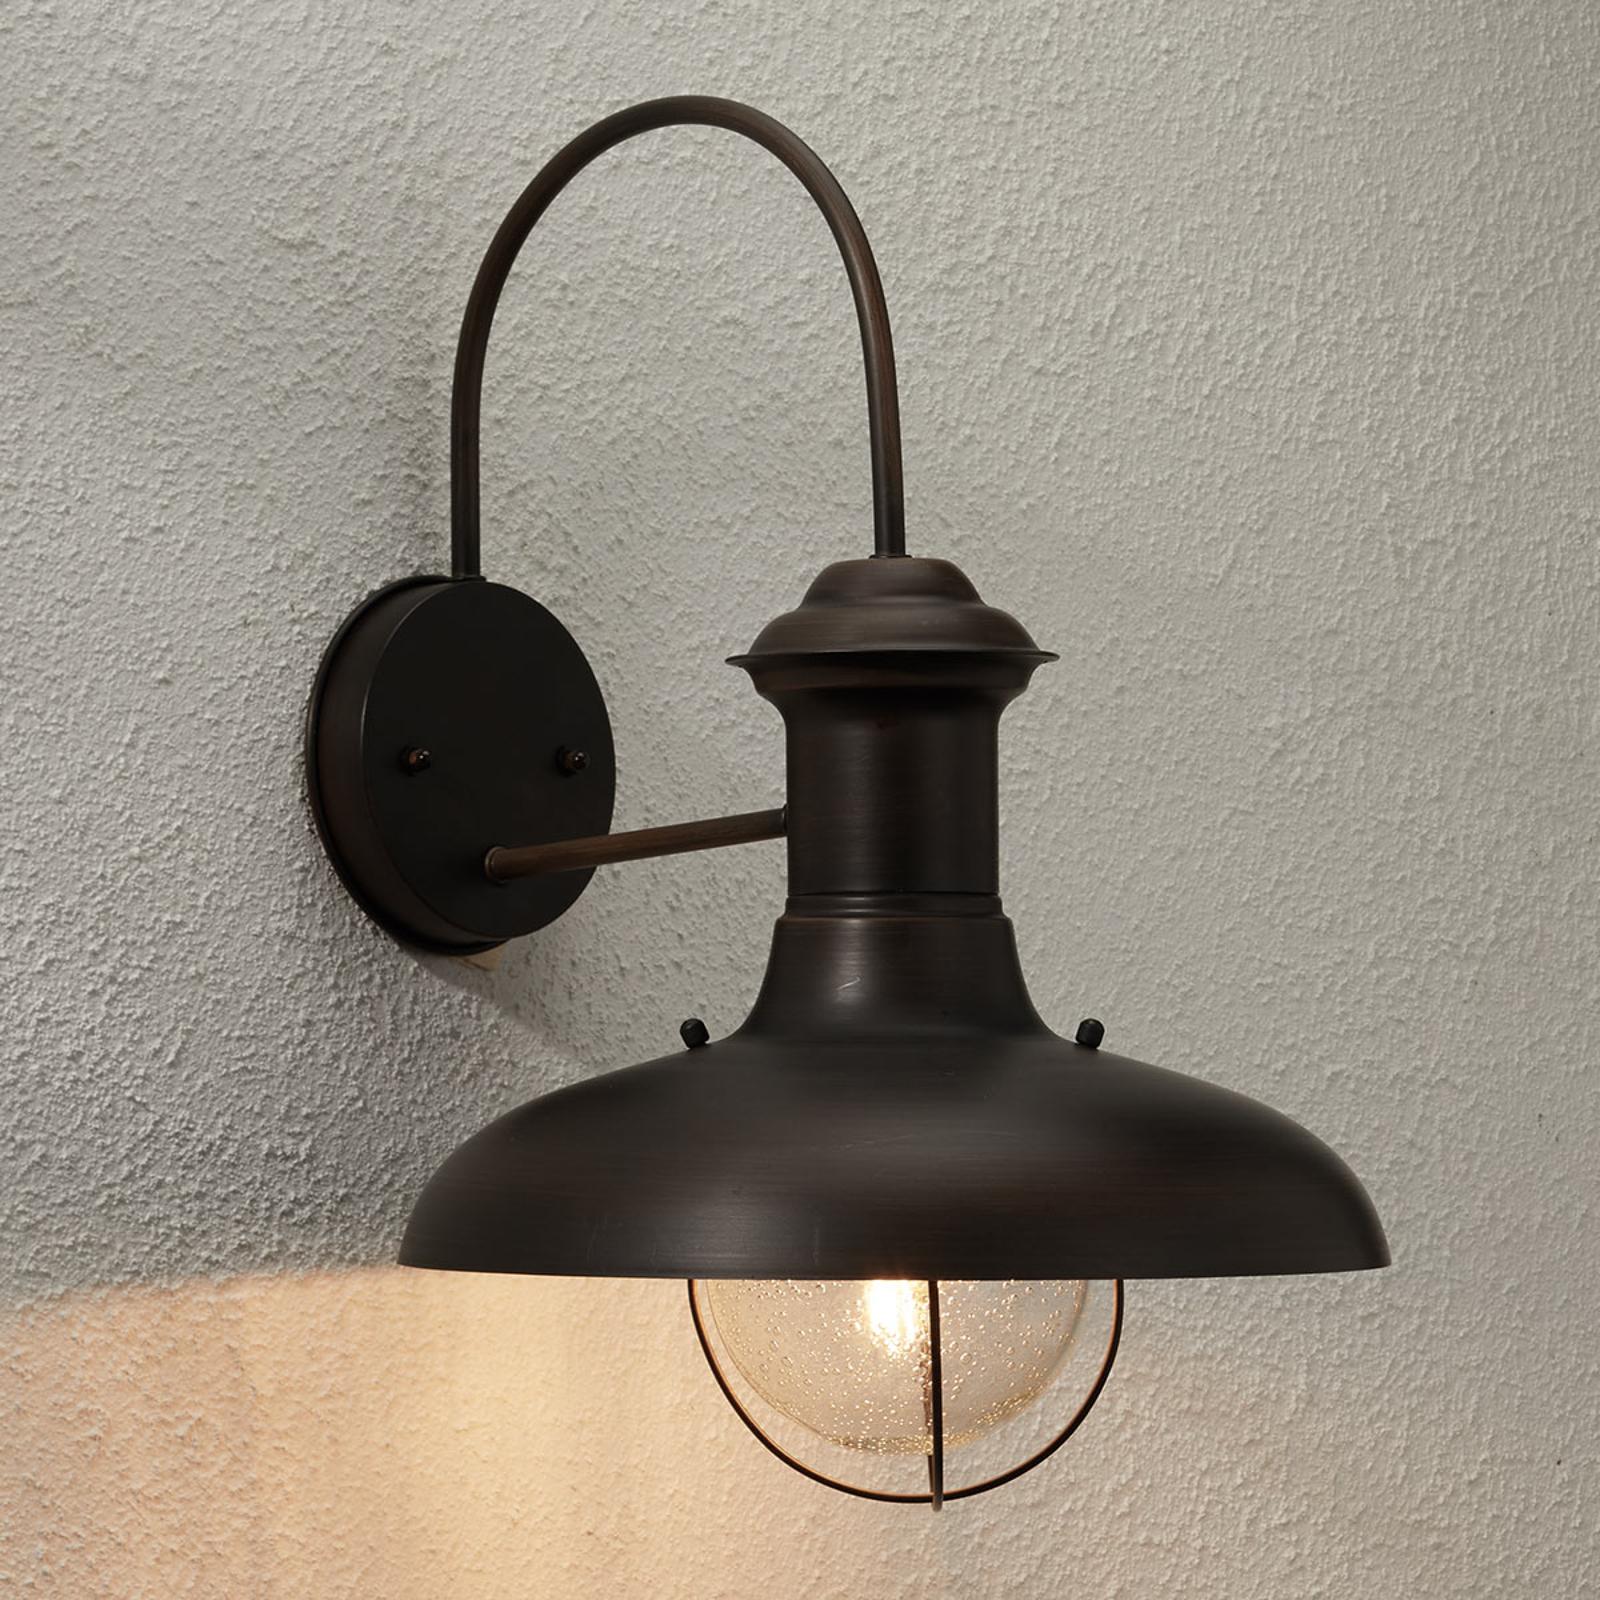 ESTORIL-G zewnętrzna lampa ścienna oksydowana brąz